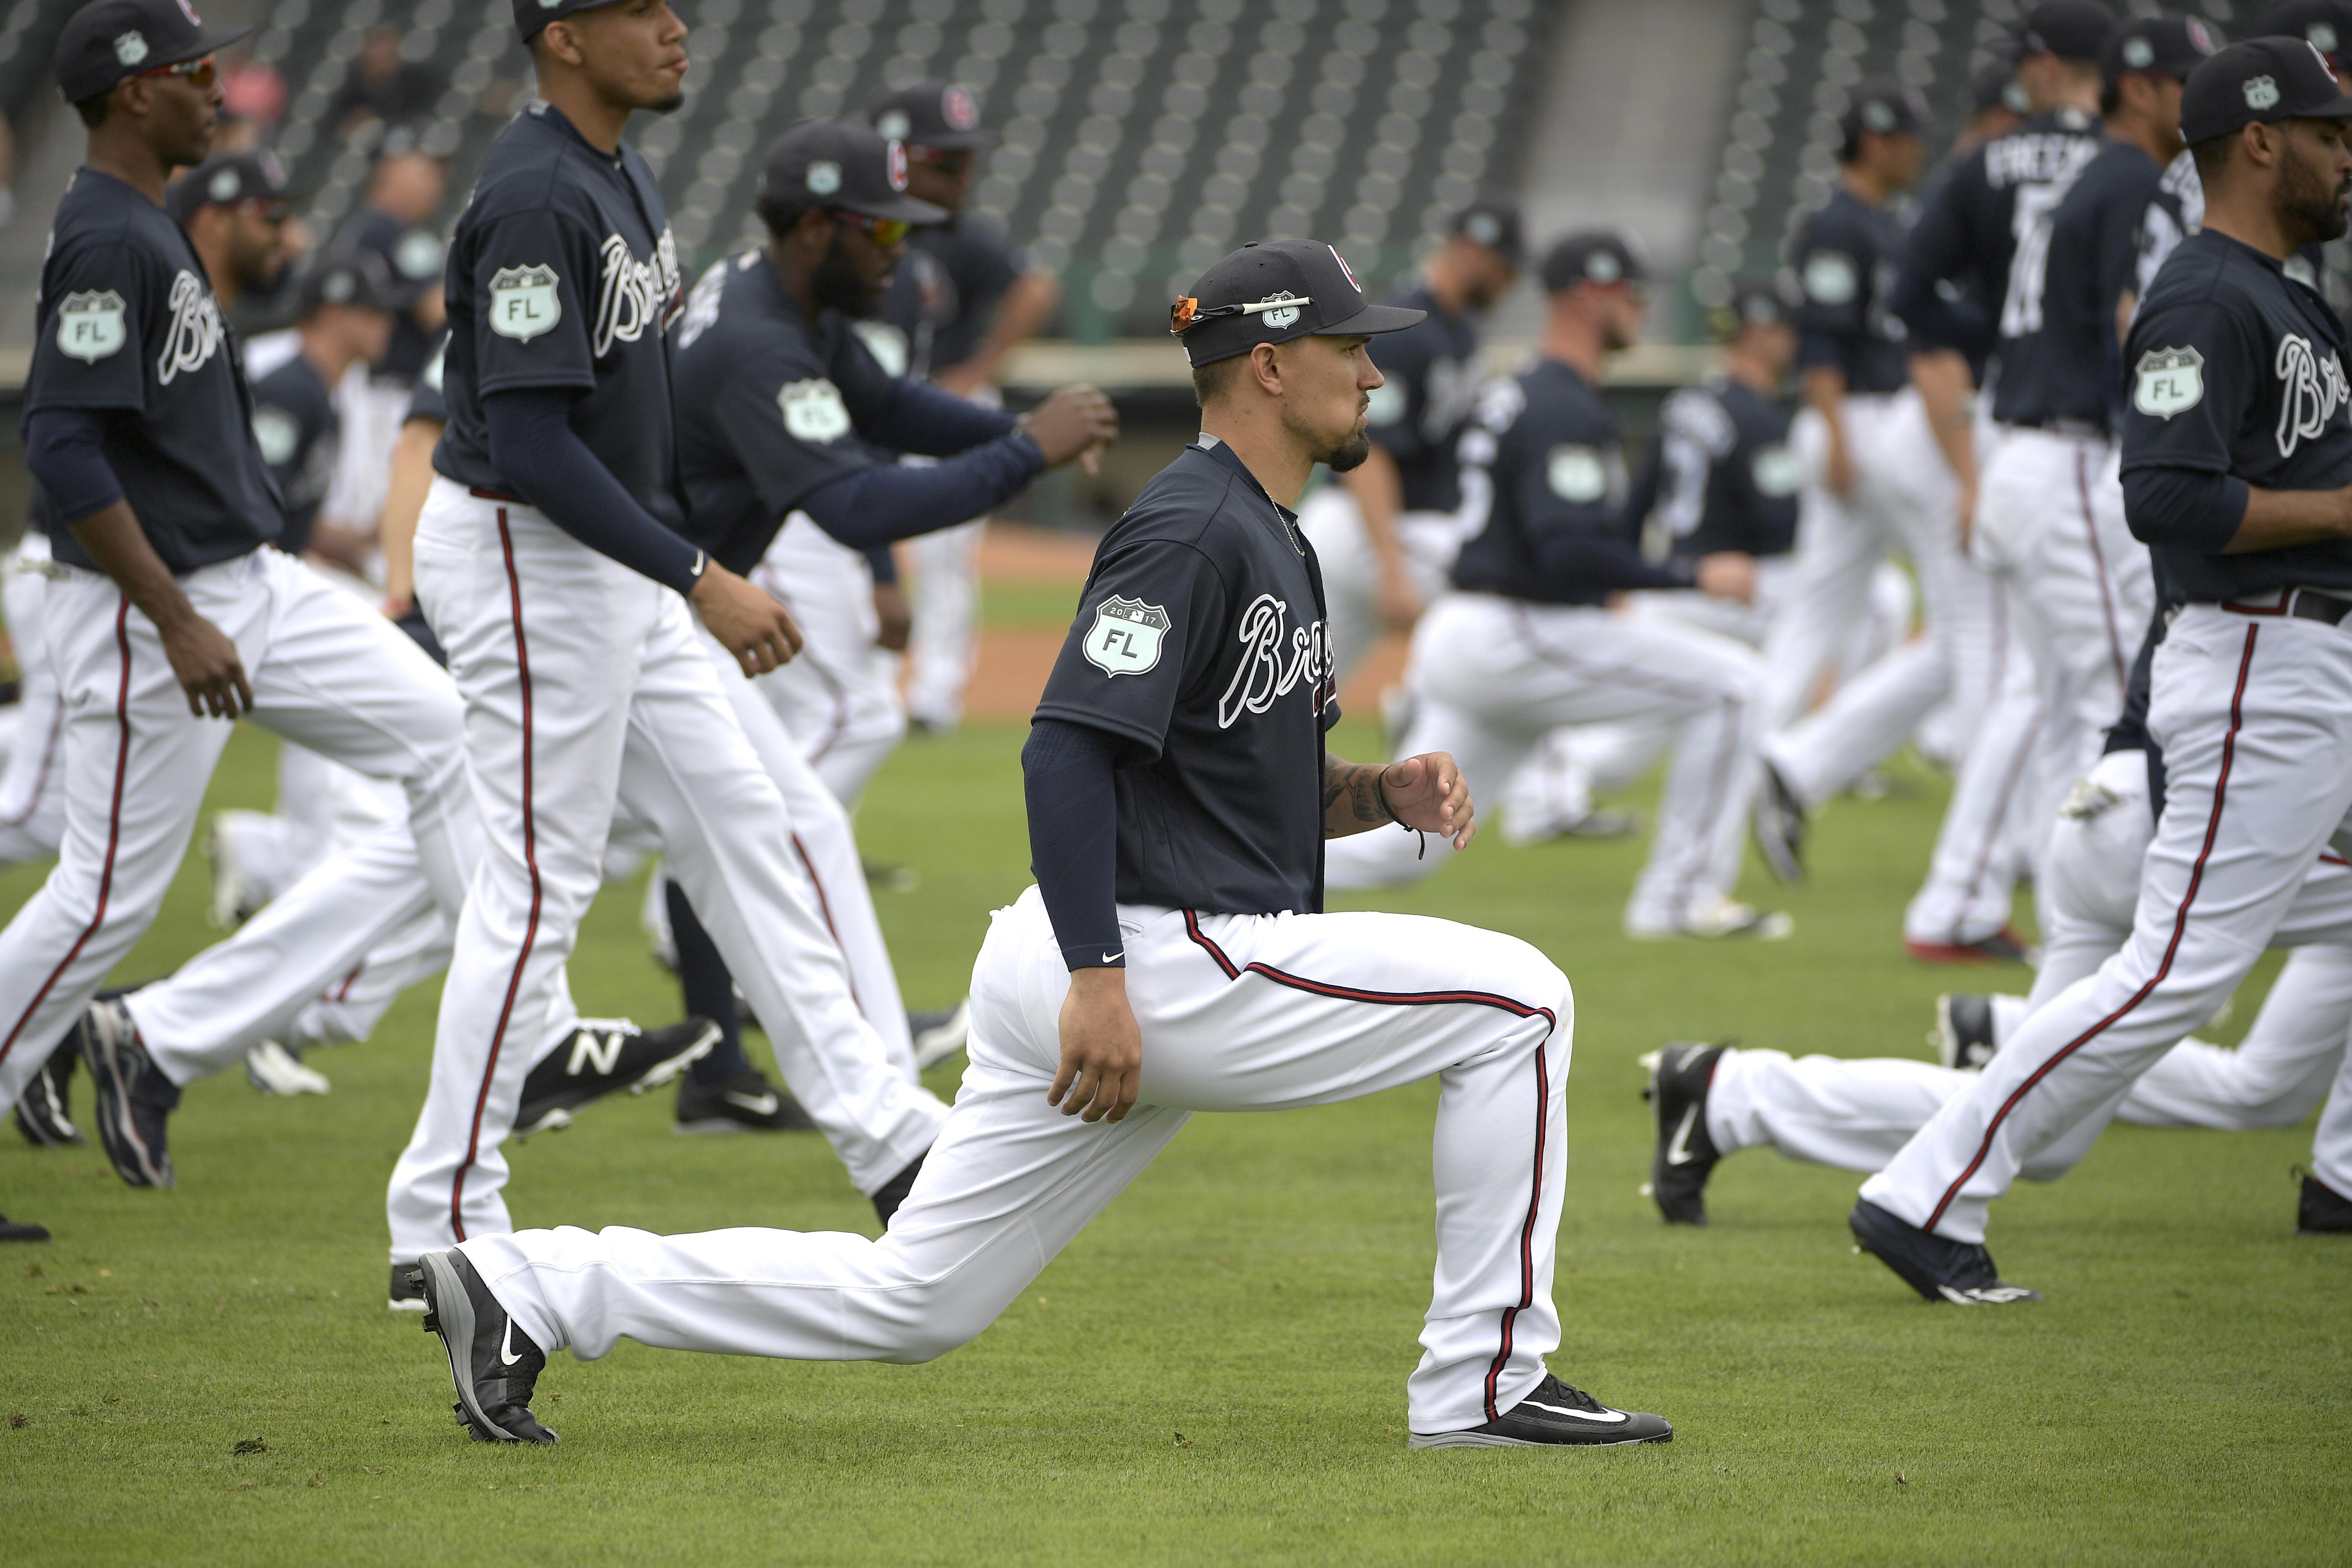 Braves_spring_baseball_48199